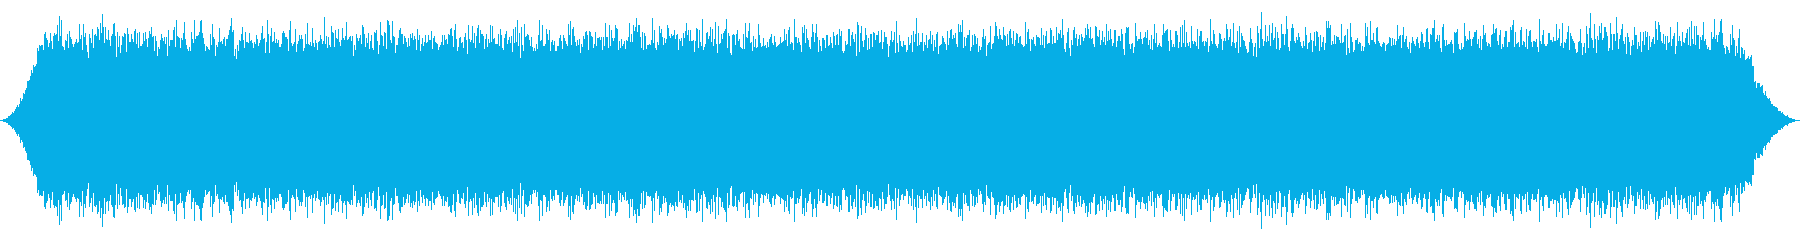 川:重い高速Ro音の流れ、軽い泡のしぶきの再生済みの波形